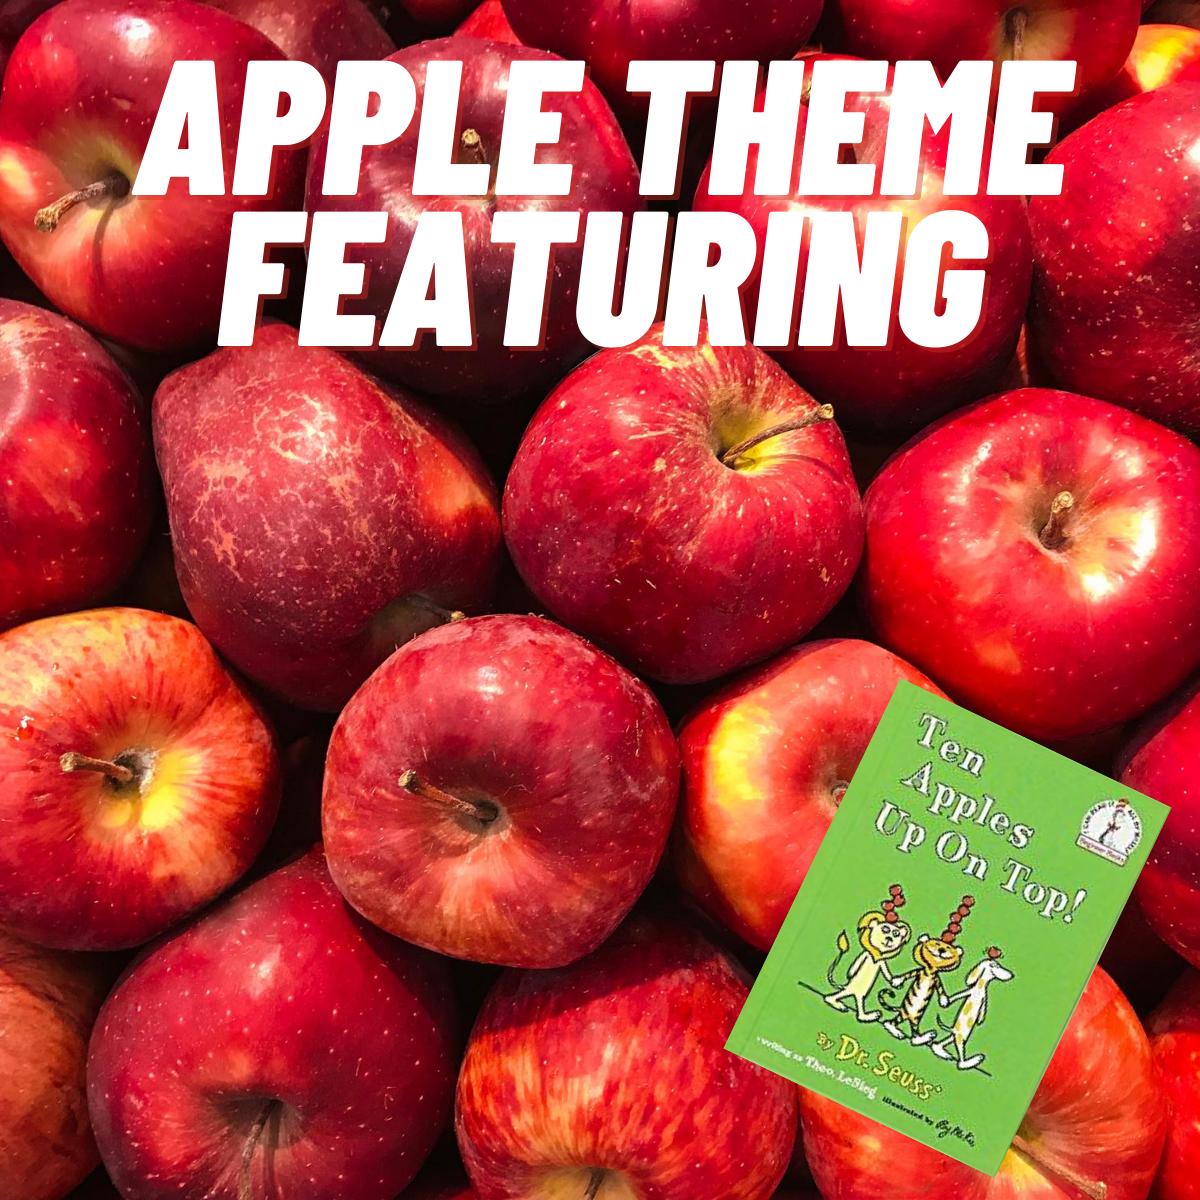 Apple Week for Preschoolers Featuring Ten Apples Up on Top!